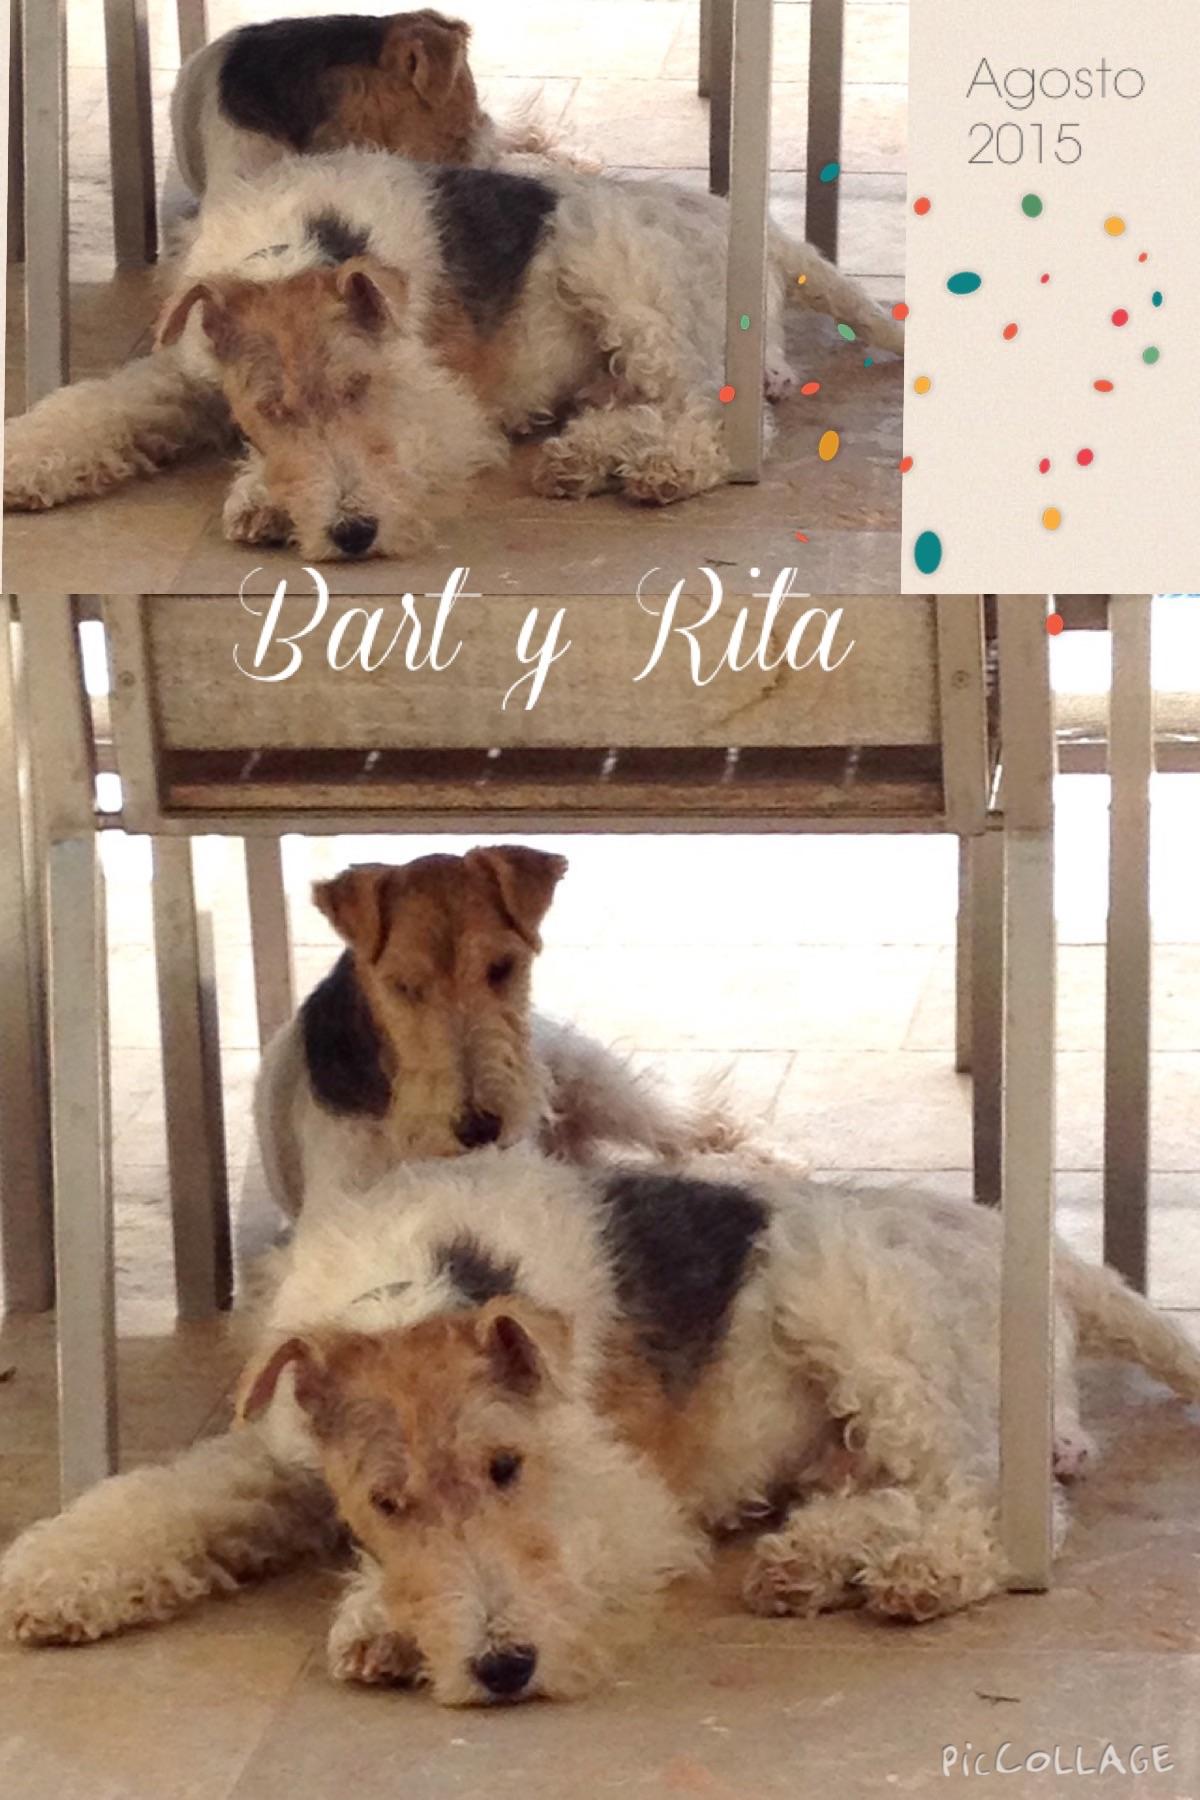 Bart y Rita